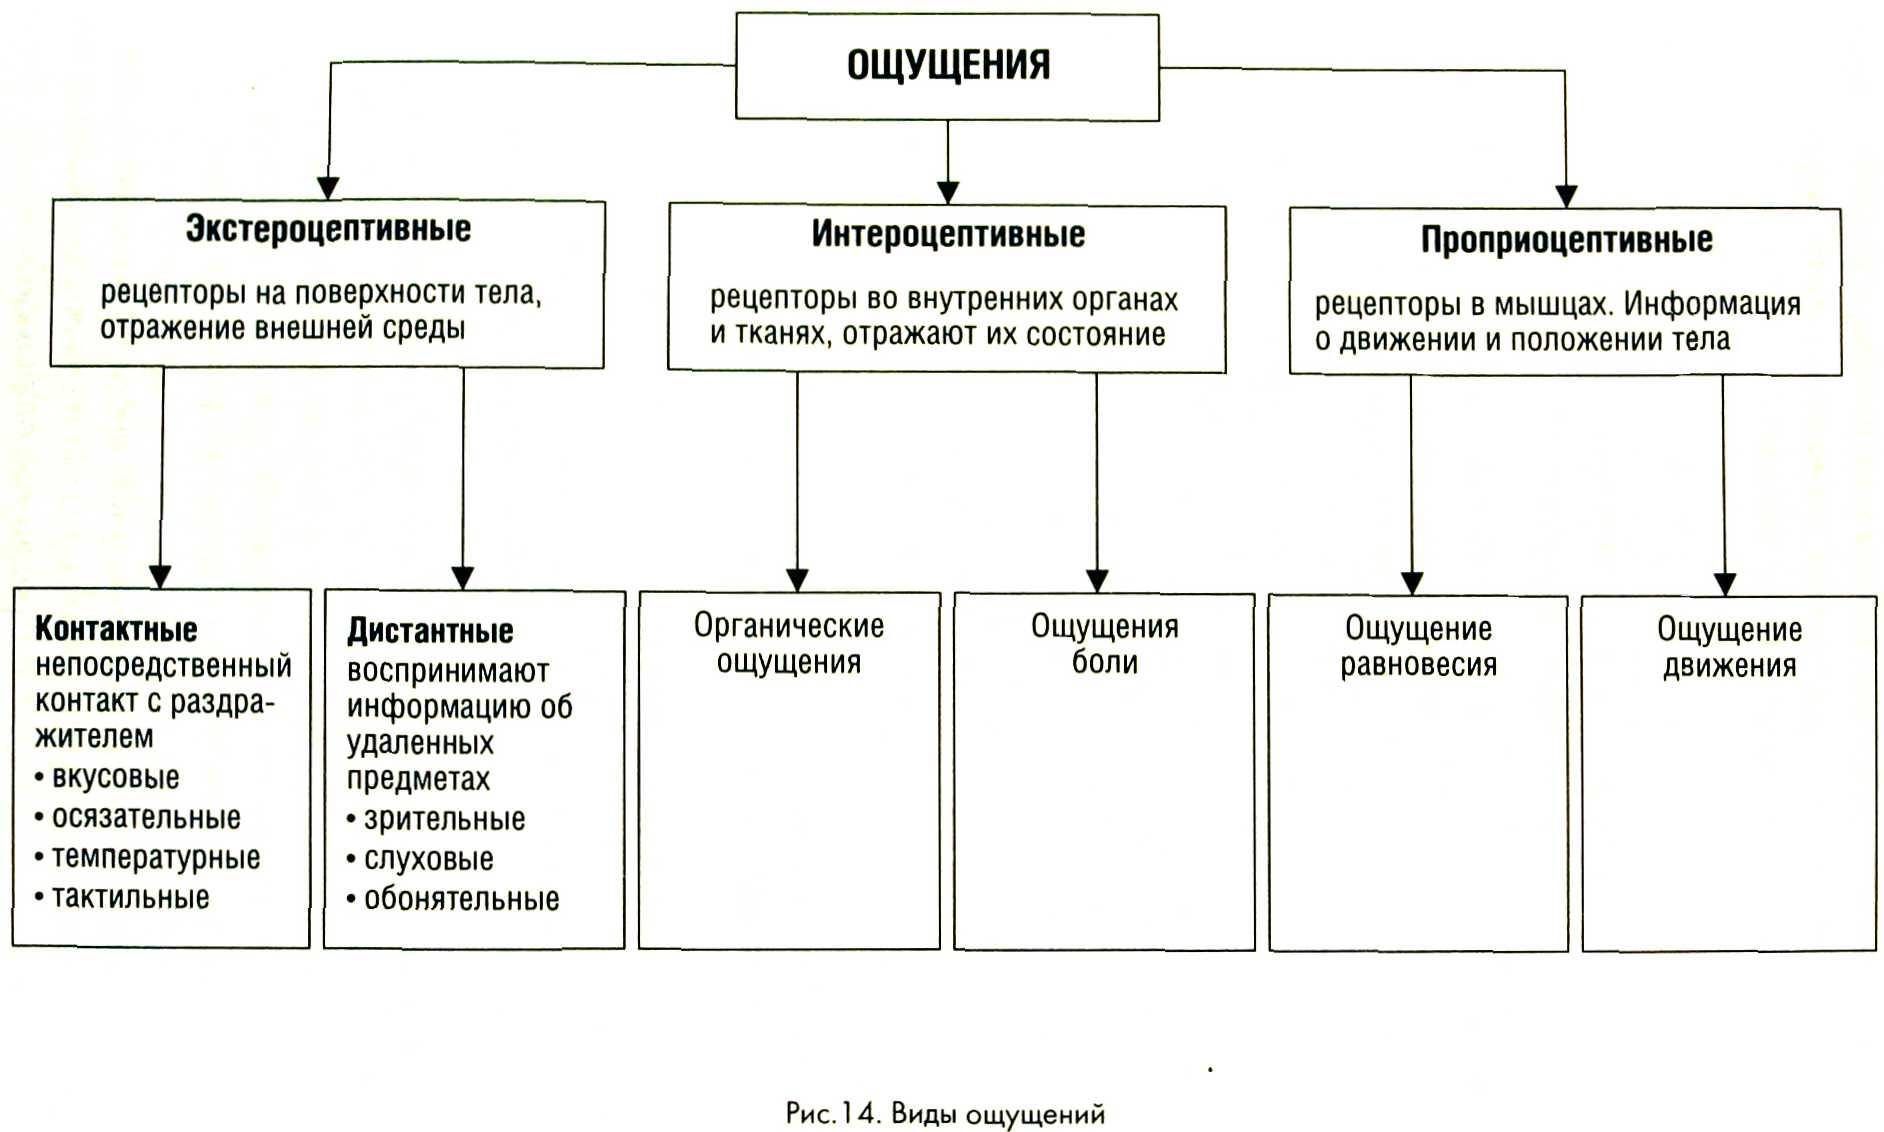 Что такое сенсибилизация, и как сенсибилизация используется в аллергологии?